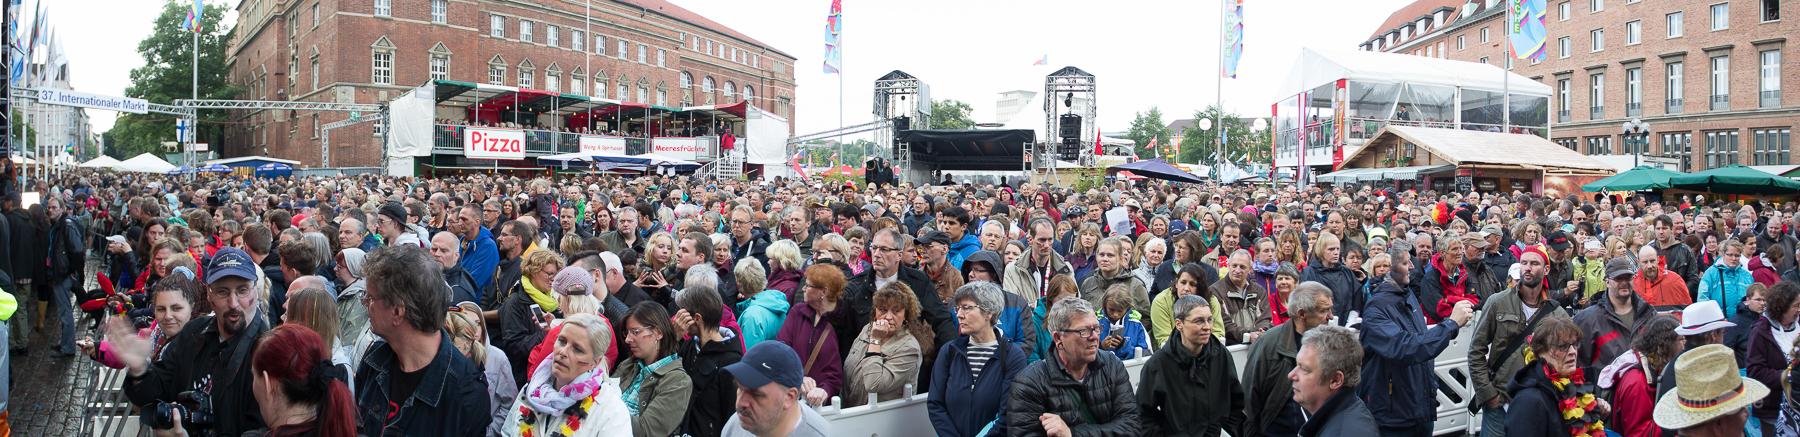 Kieler Woche: NDR auf der Rathausbühne